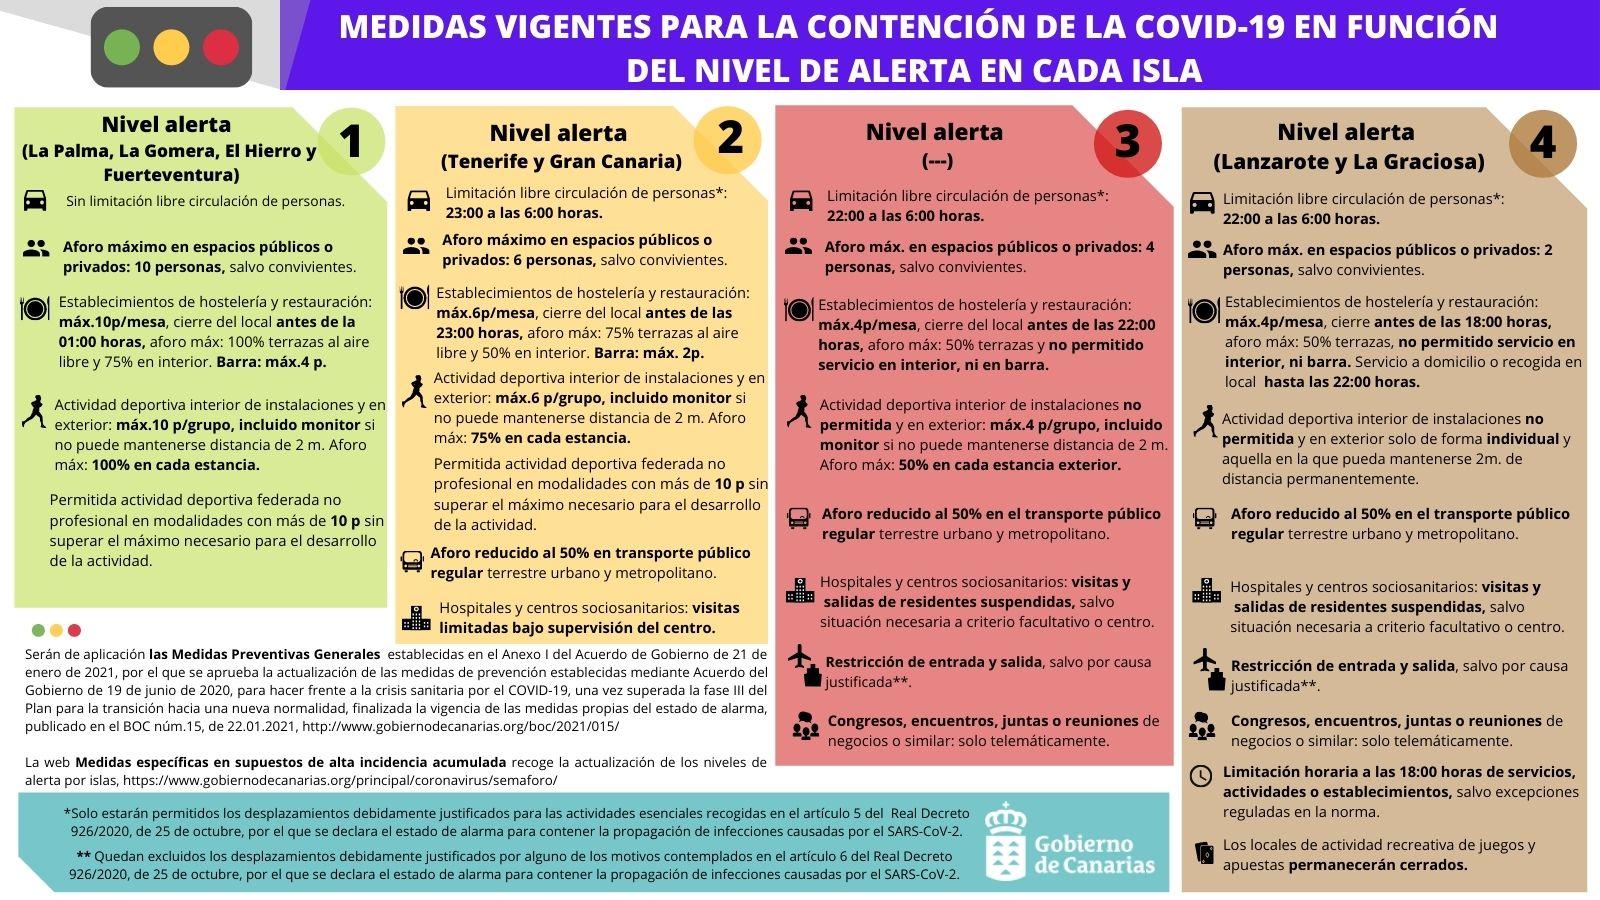 Tenerife y Gran Canaria pasan a nivel de alerta 2 y El Hierro y Fuerteventura a nivel 1